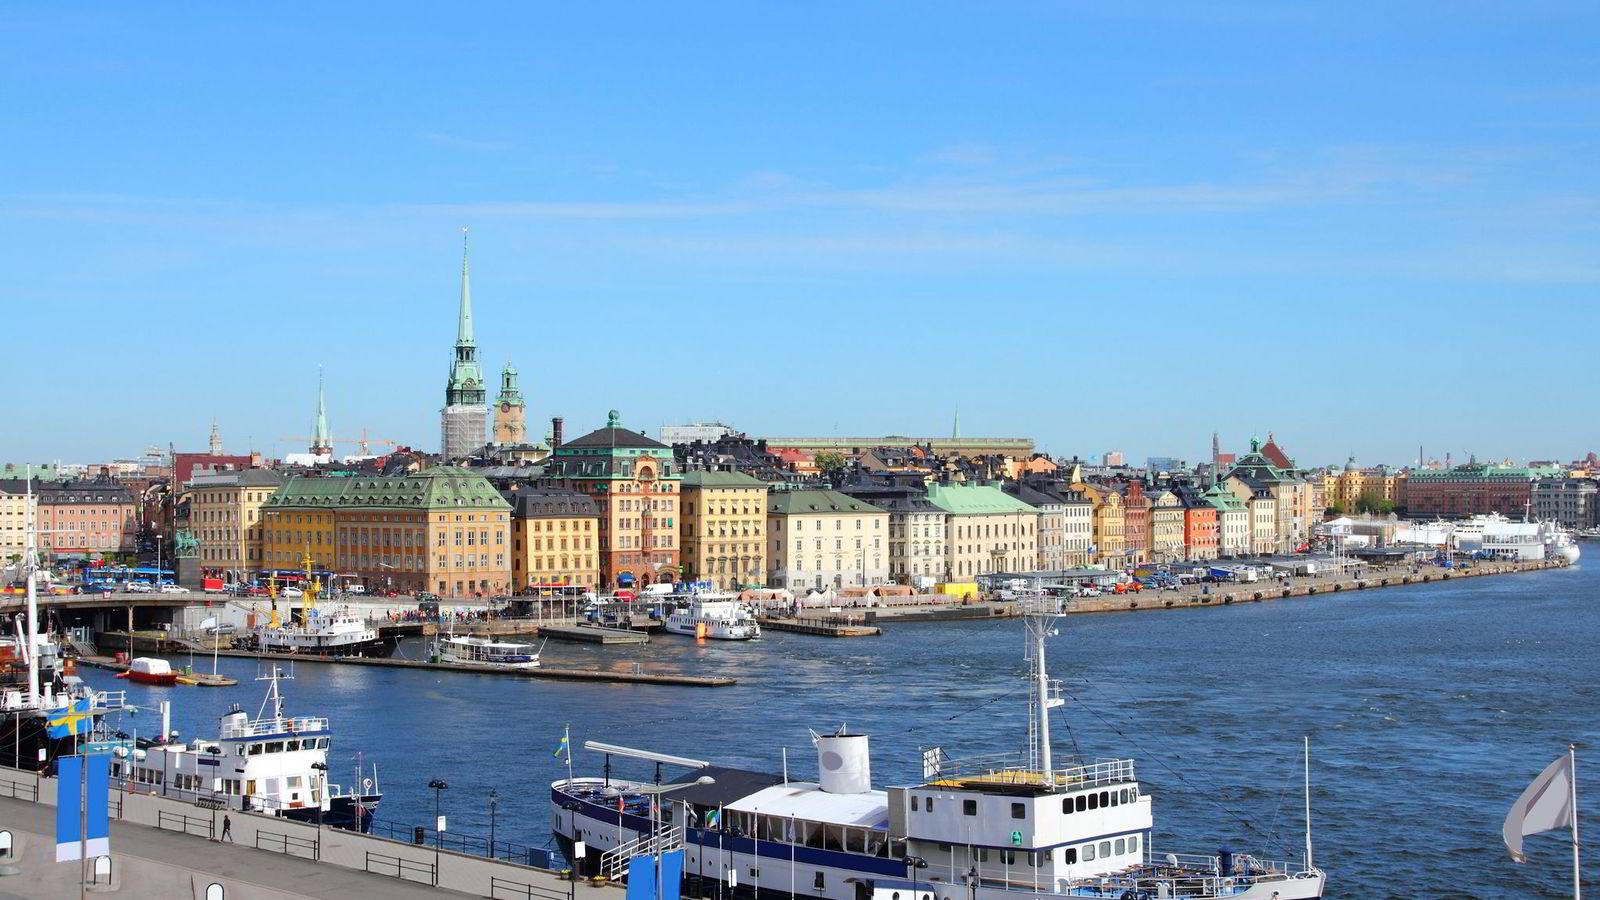 Boligprisene i de mest sentrale strøkene av Stockholm steg 16 prosent ifjor. Nå i mai kom en baksmell, med den største månedlige prisnedgangen siden finanskrisen. Foto: Istock